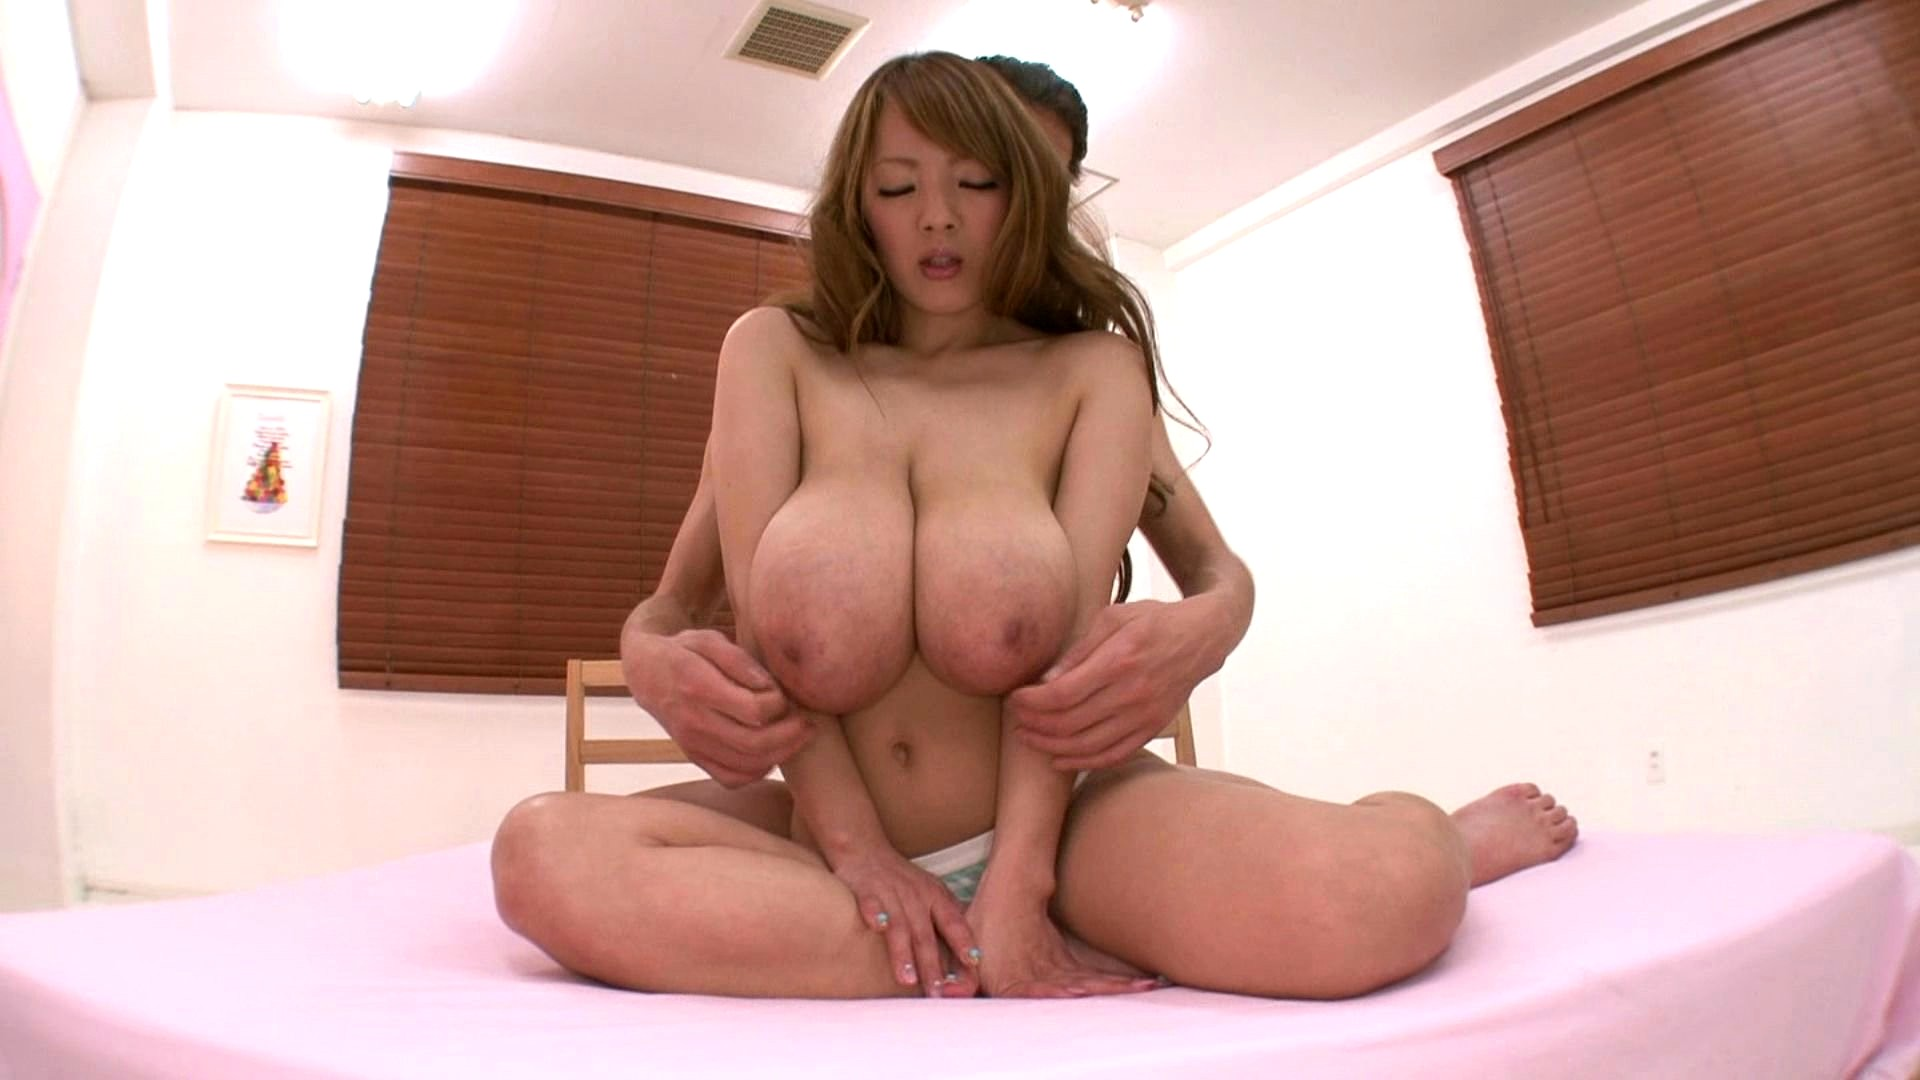 представлены фотографии, офигительные азиатки с большой грудью порно видео знаю